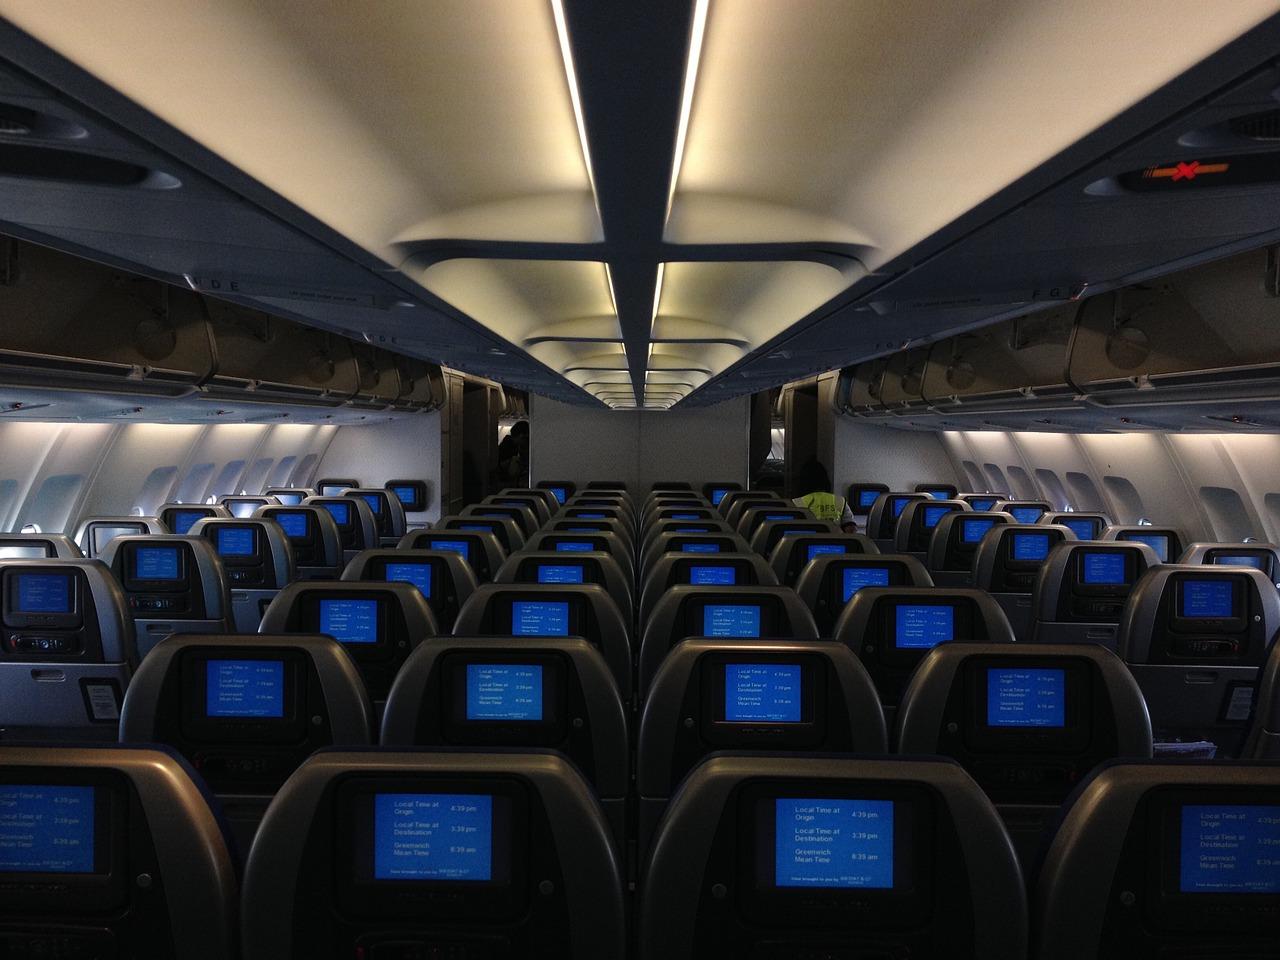 สหรัฐฯ เพิ่มการรักษาความปลอดภัย เข็มงวดการใช้ Laptop บนเครื่องบิน